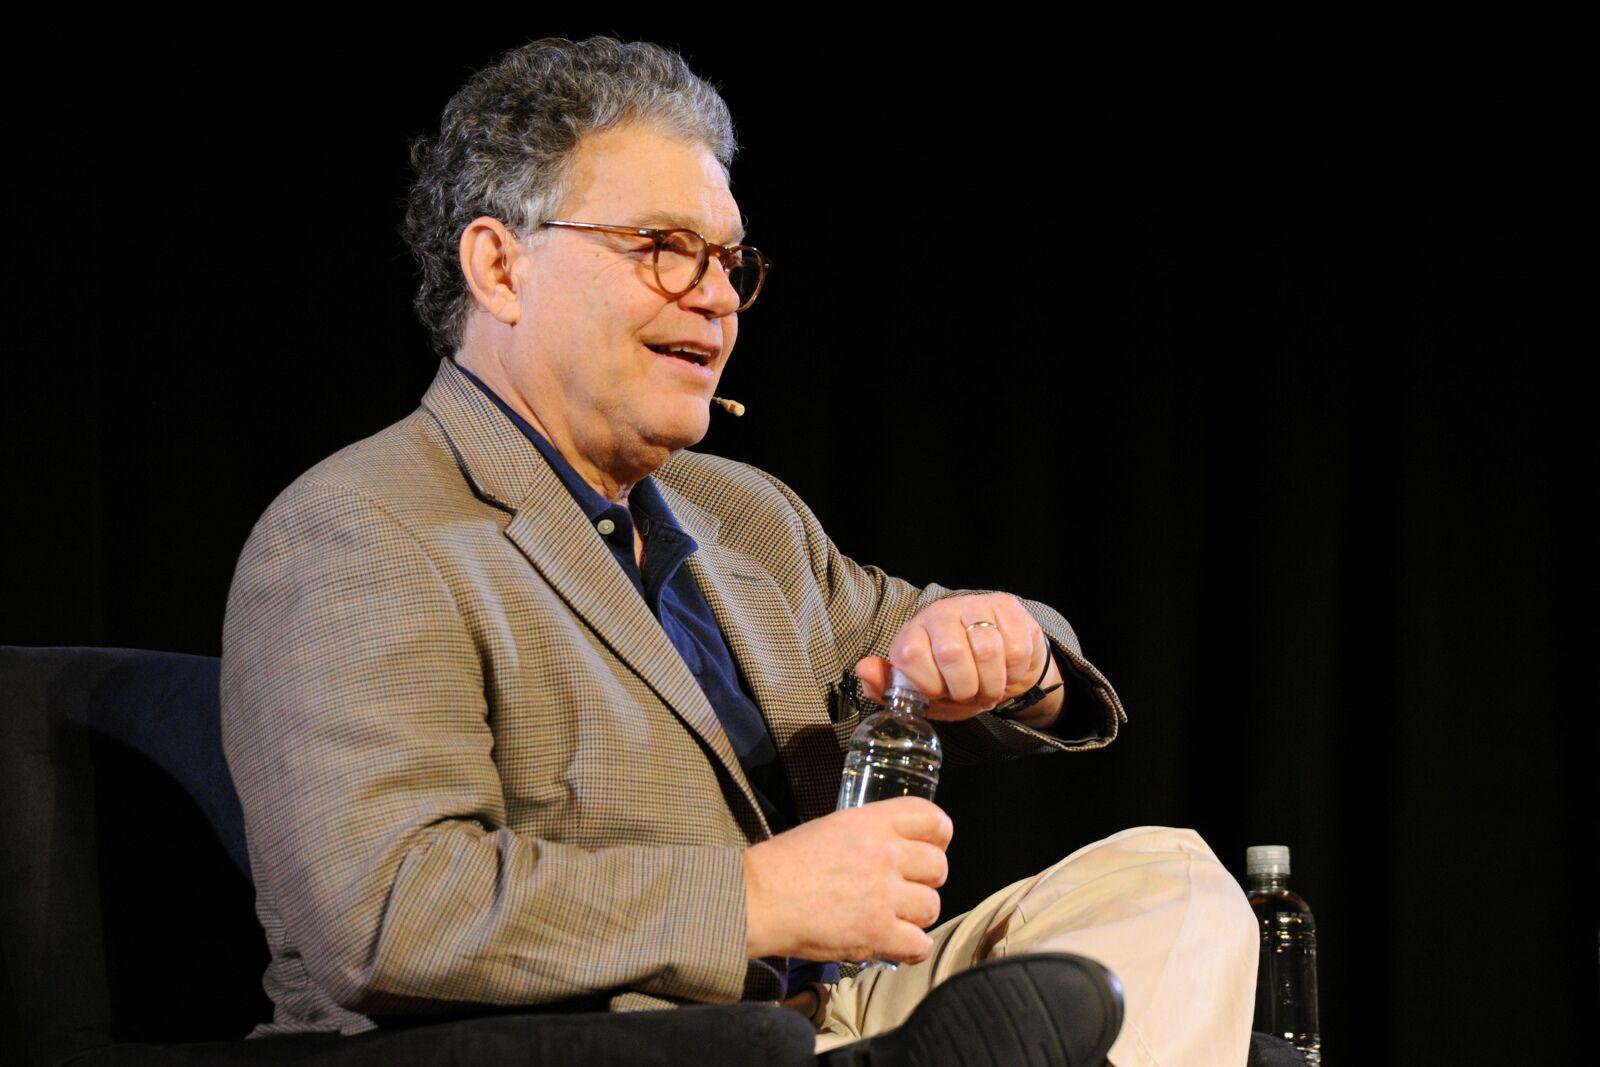 How Al Franken's rejected SNL sketch turned into a 30 Rock gag